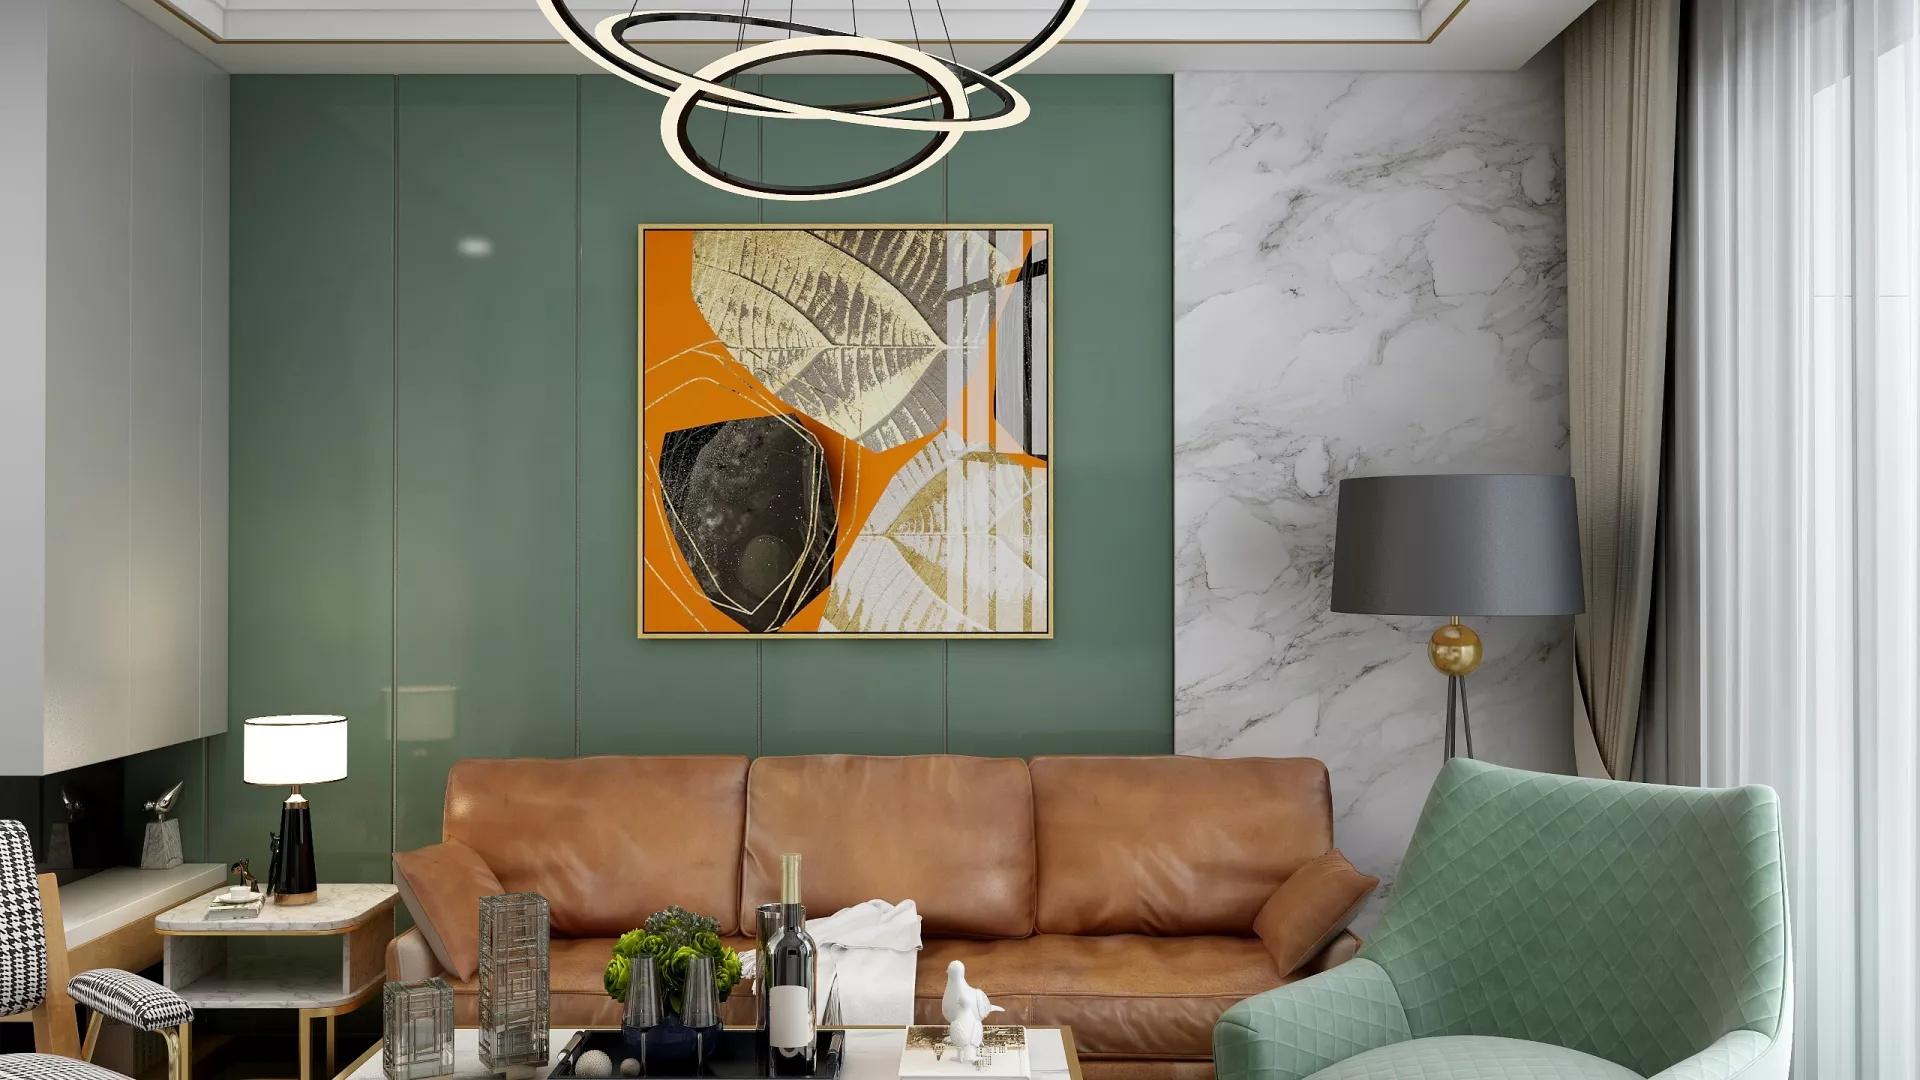 电视背景墙设计有哪些原则 电视背景墙设计的原则